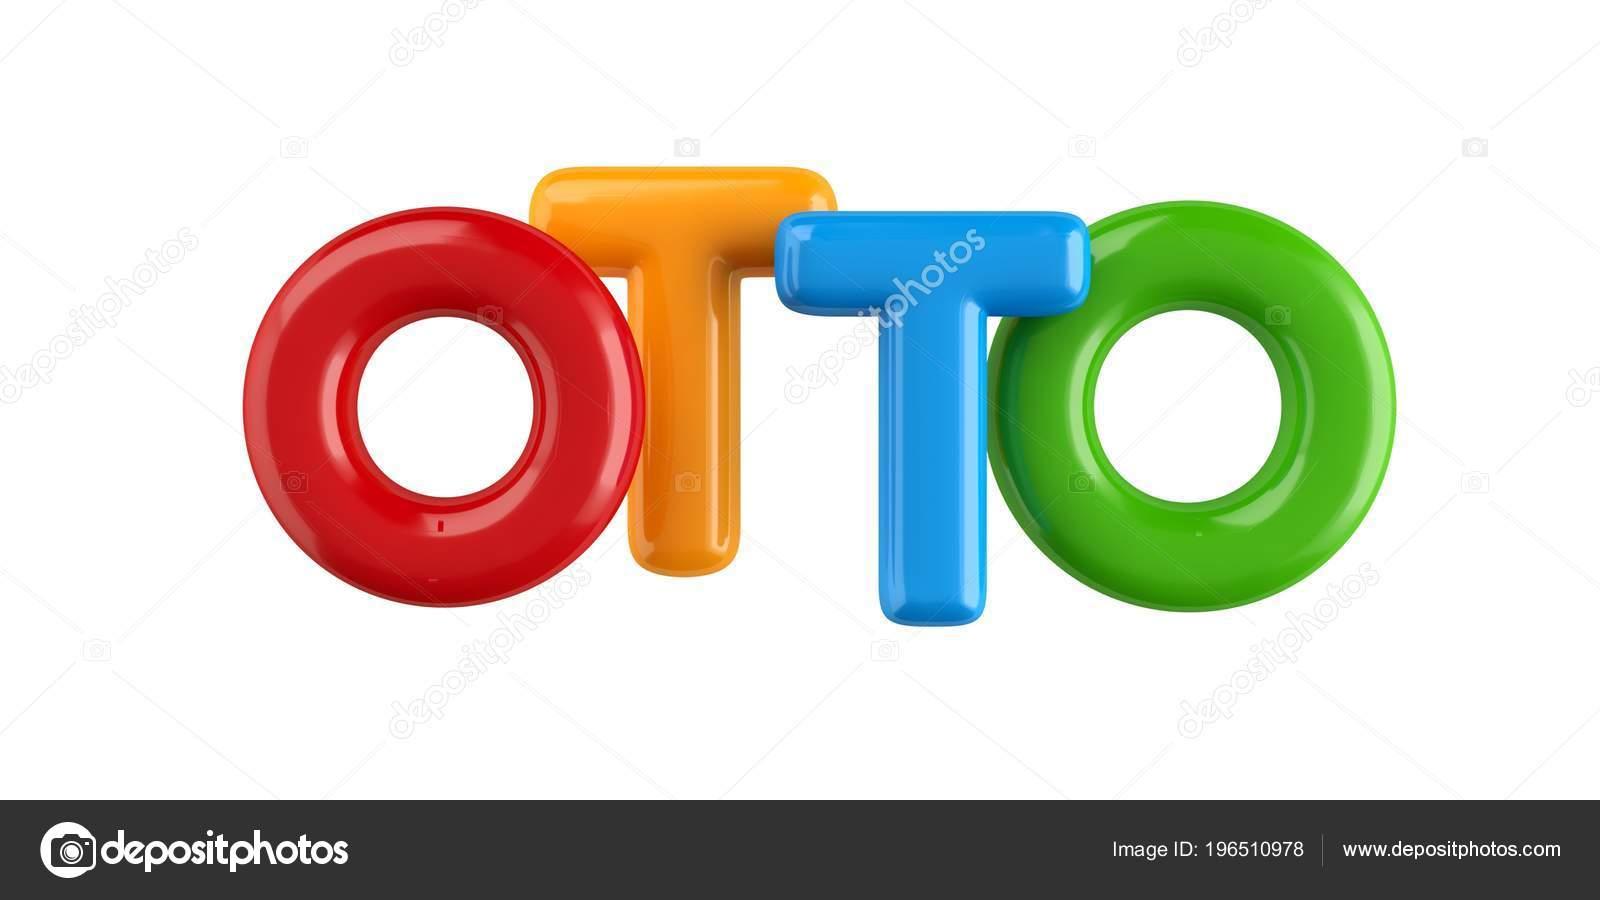 Typ A. 230 Etiketten//Rolle 50 mm * 30 mm f/ür Name B/üro 1,97x 1,18 Phomemo Namensschild Schule Aufkleber f/ür Phomemo M110 // 200-Etikettendrucker Cartoon Namensschild,Thermoaufkleber